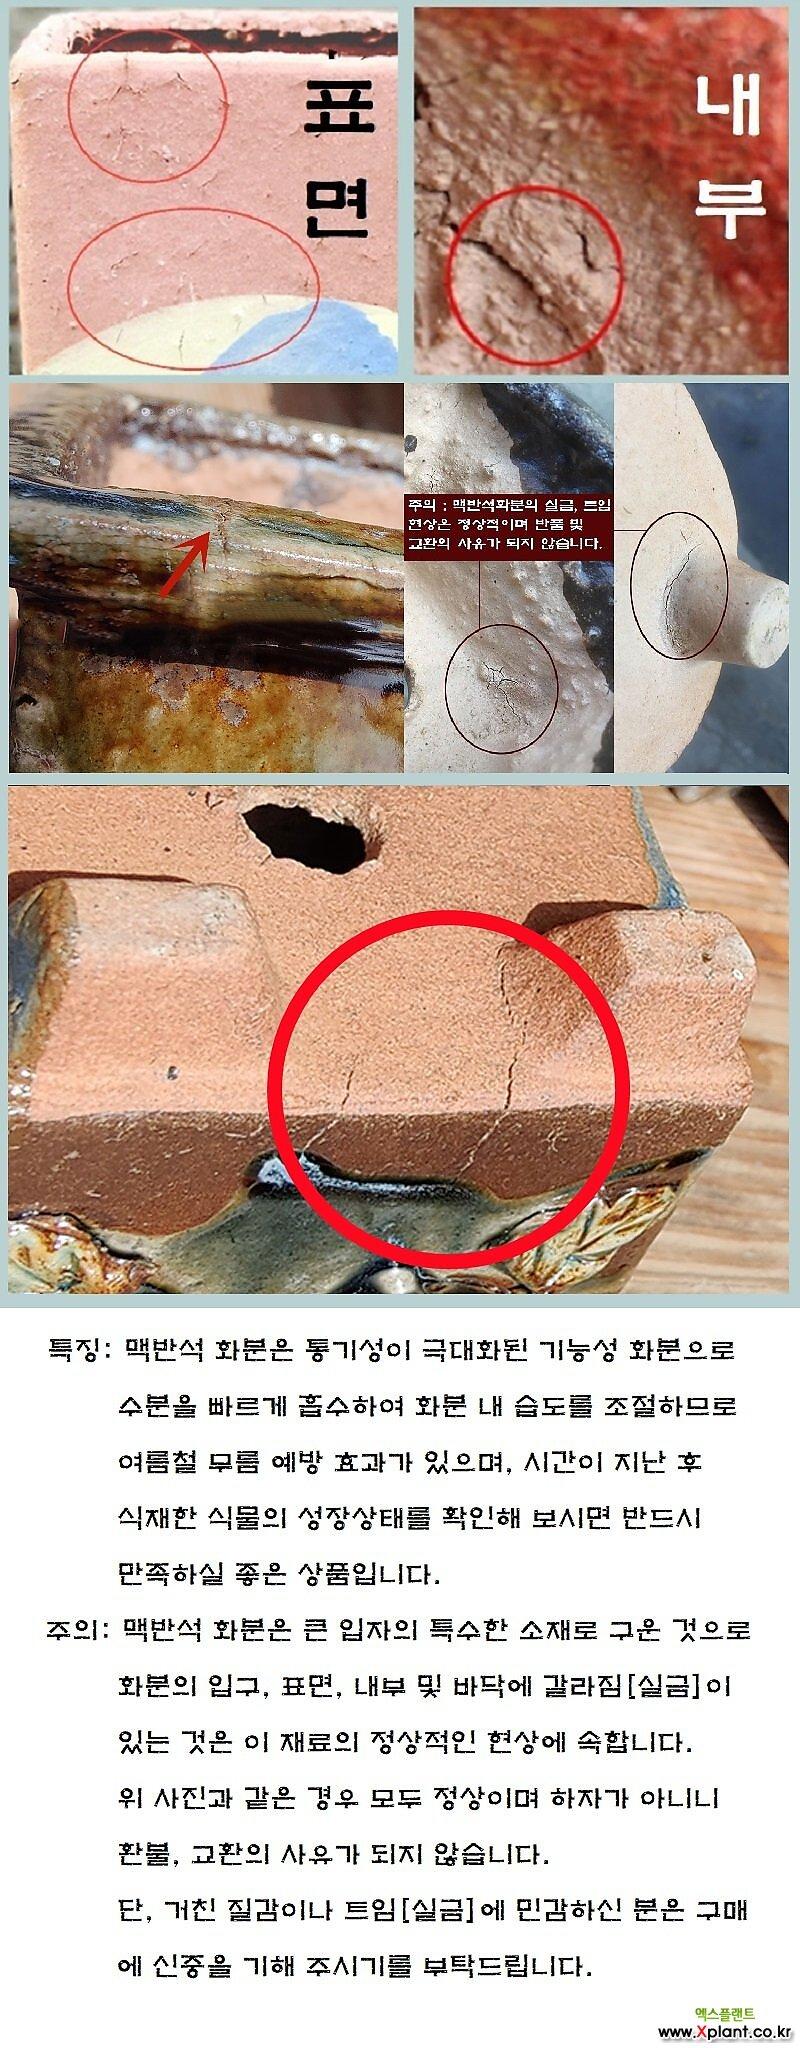 구들[테레비]/맥반석화분/행복한꽃그릇